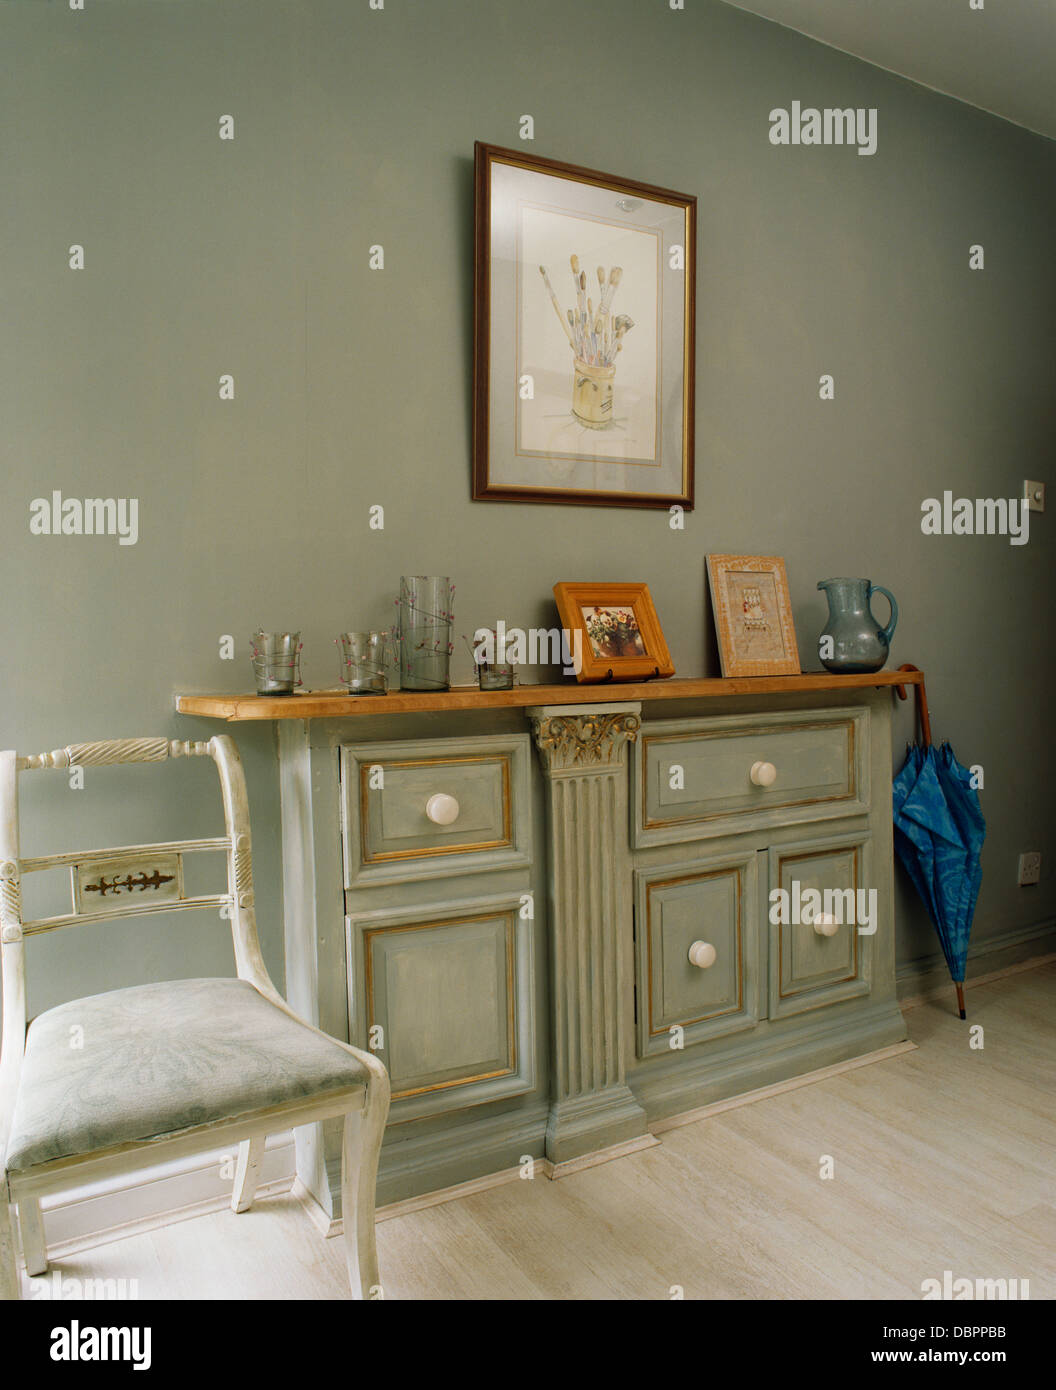 Console Gris Pâle Avec Effet En Peinture In Gray Hall Avec Chaise